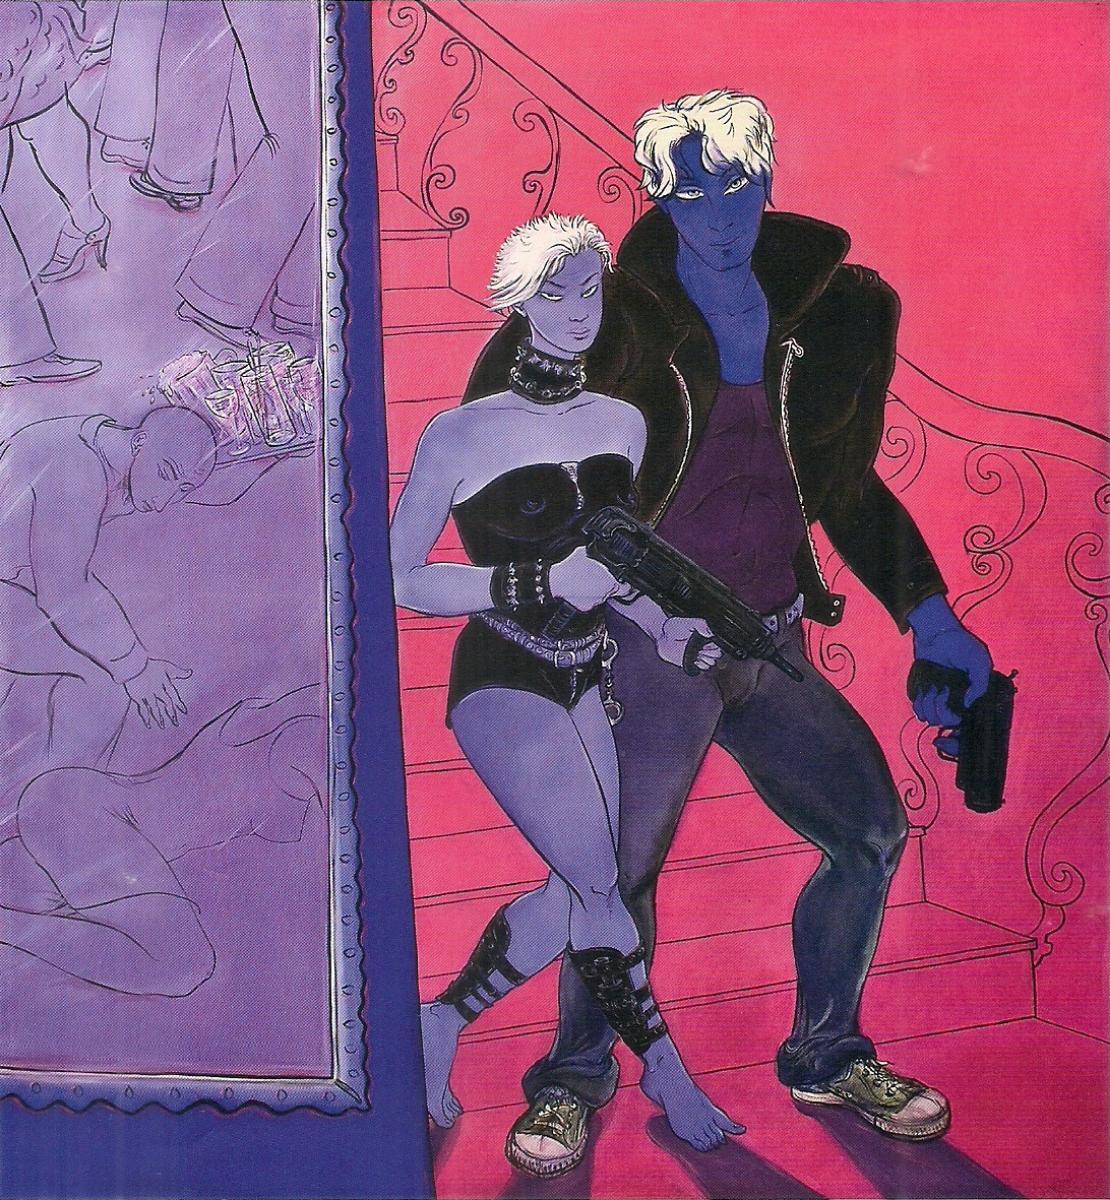 Rocio García. De la serie Very, very light… And very oscuro (Un policía con Alzheimer). Ling Cheng and Borishka llegan. 2009. Óleo sobre tela. 200 x 180 cm